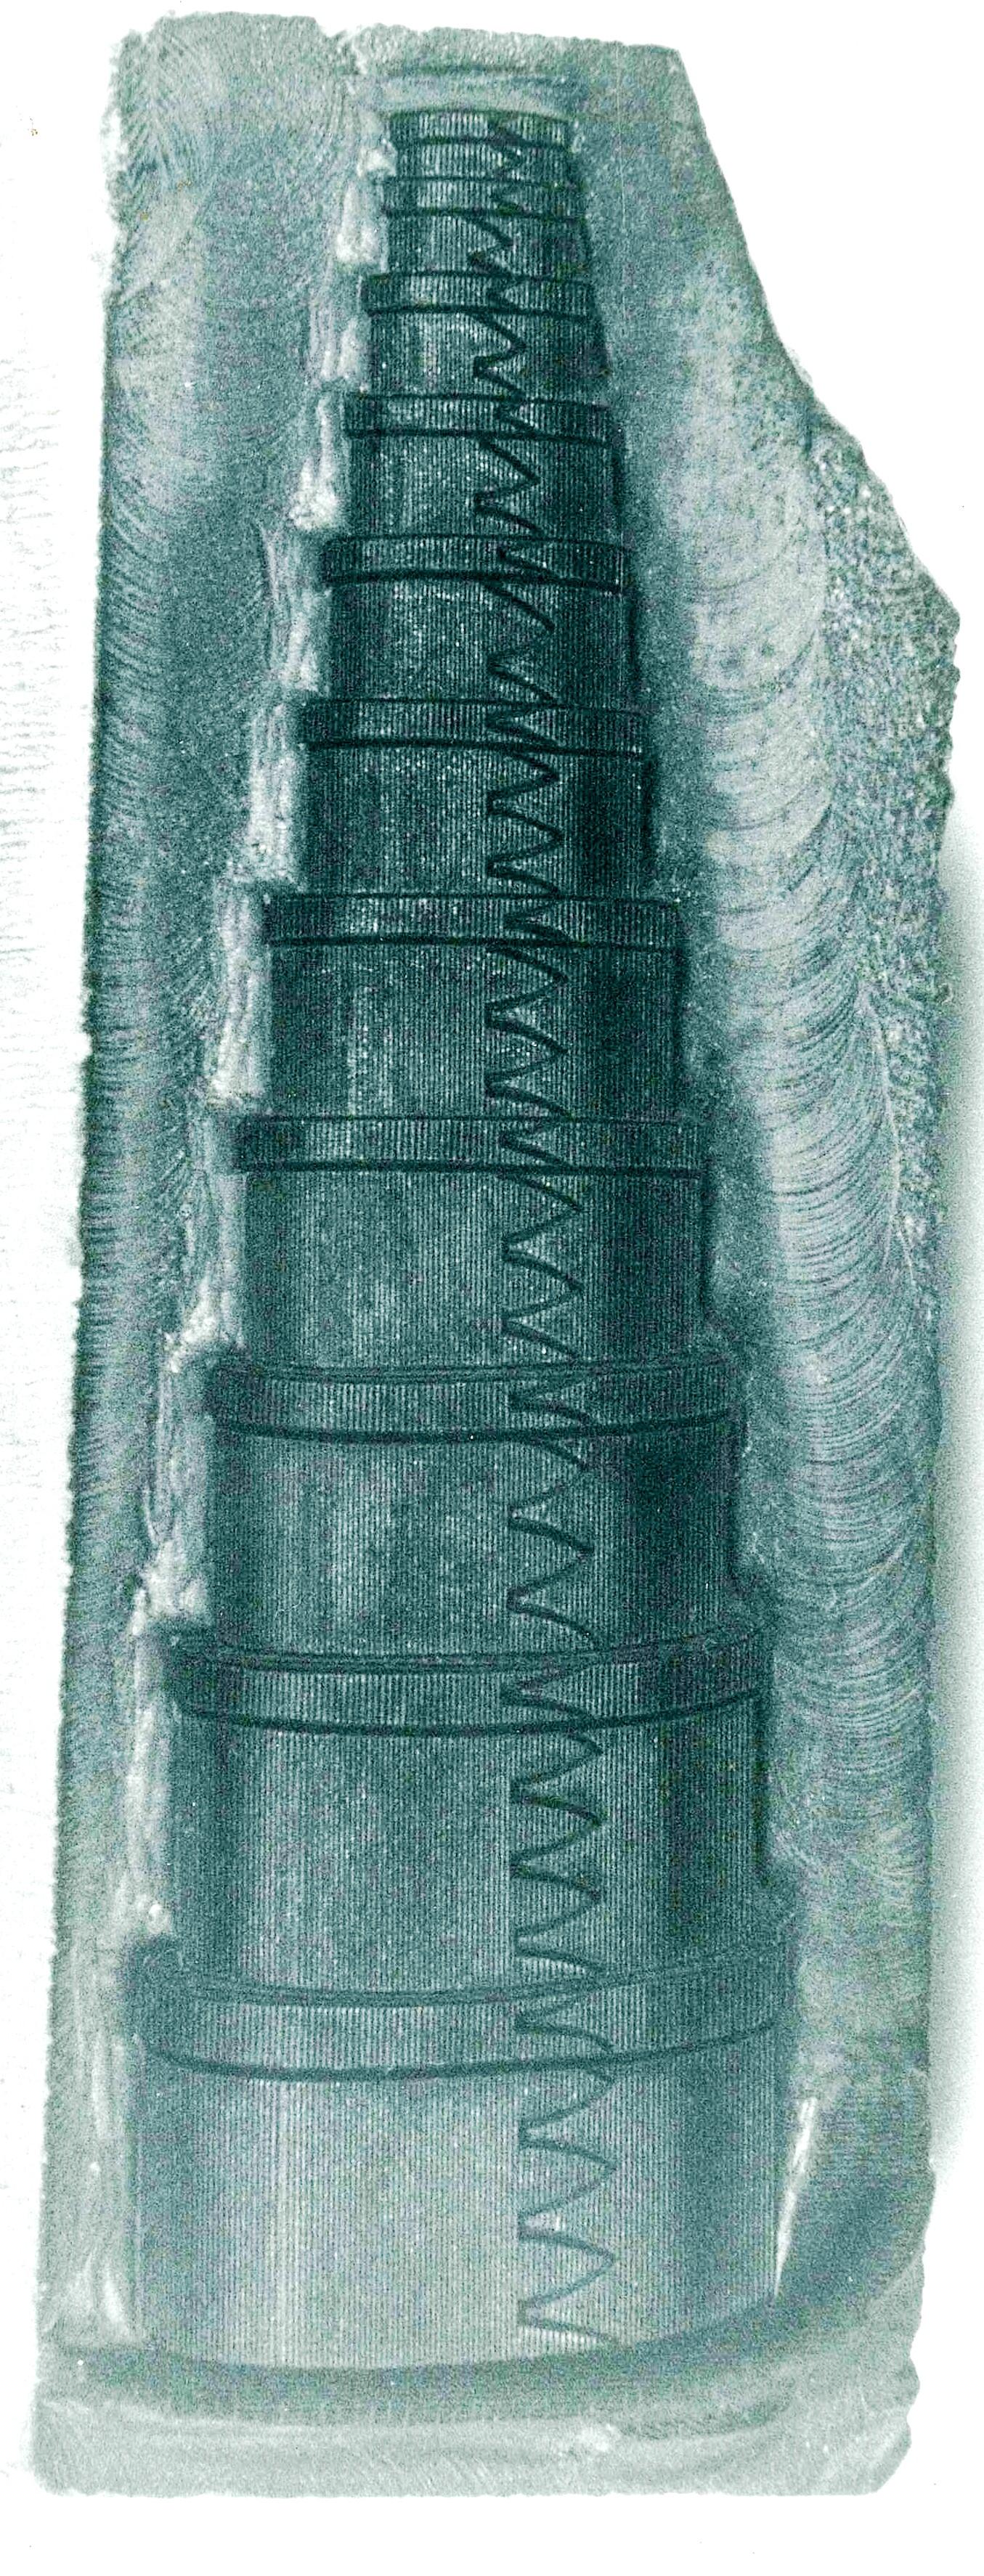 Print Block,Eleven Oval Boxes, Hiram Ferguson, Albany, NY,ca. 1875